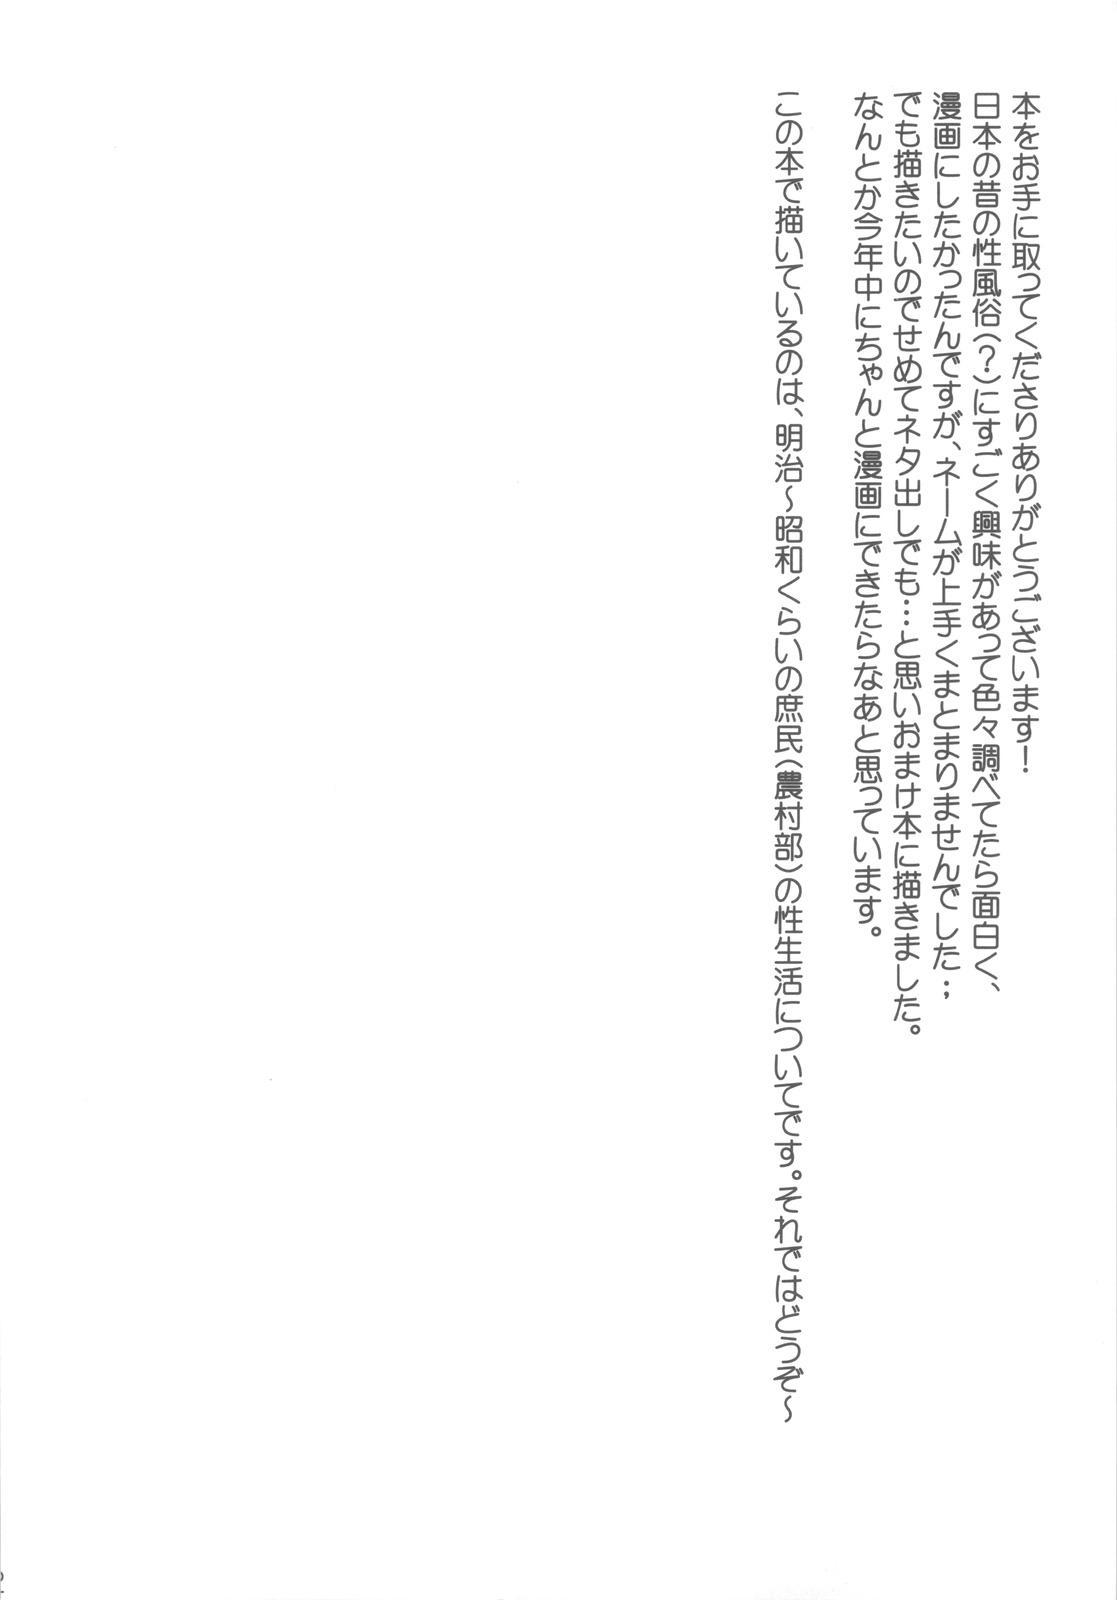 Jougasaki Shimai no Zenryoku Love Attack + Omake bon 17